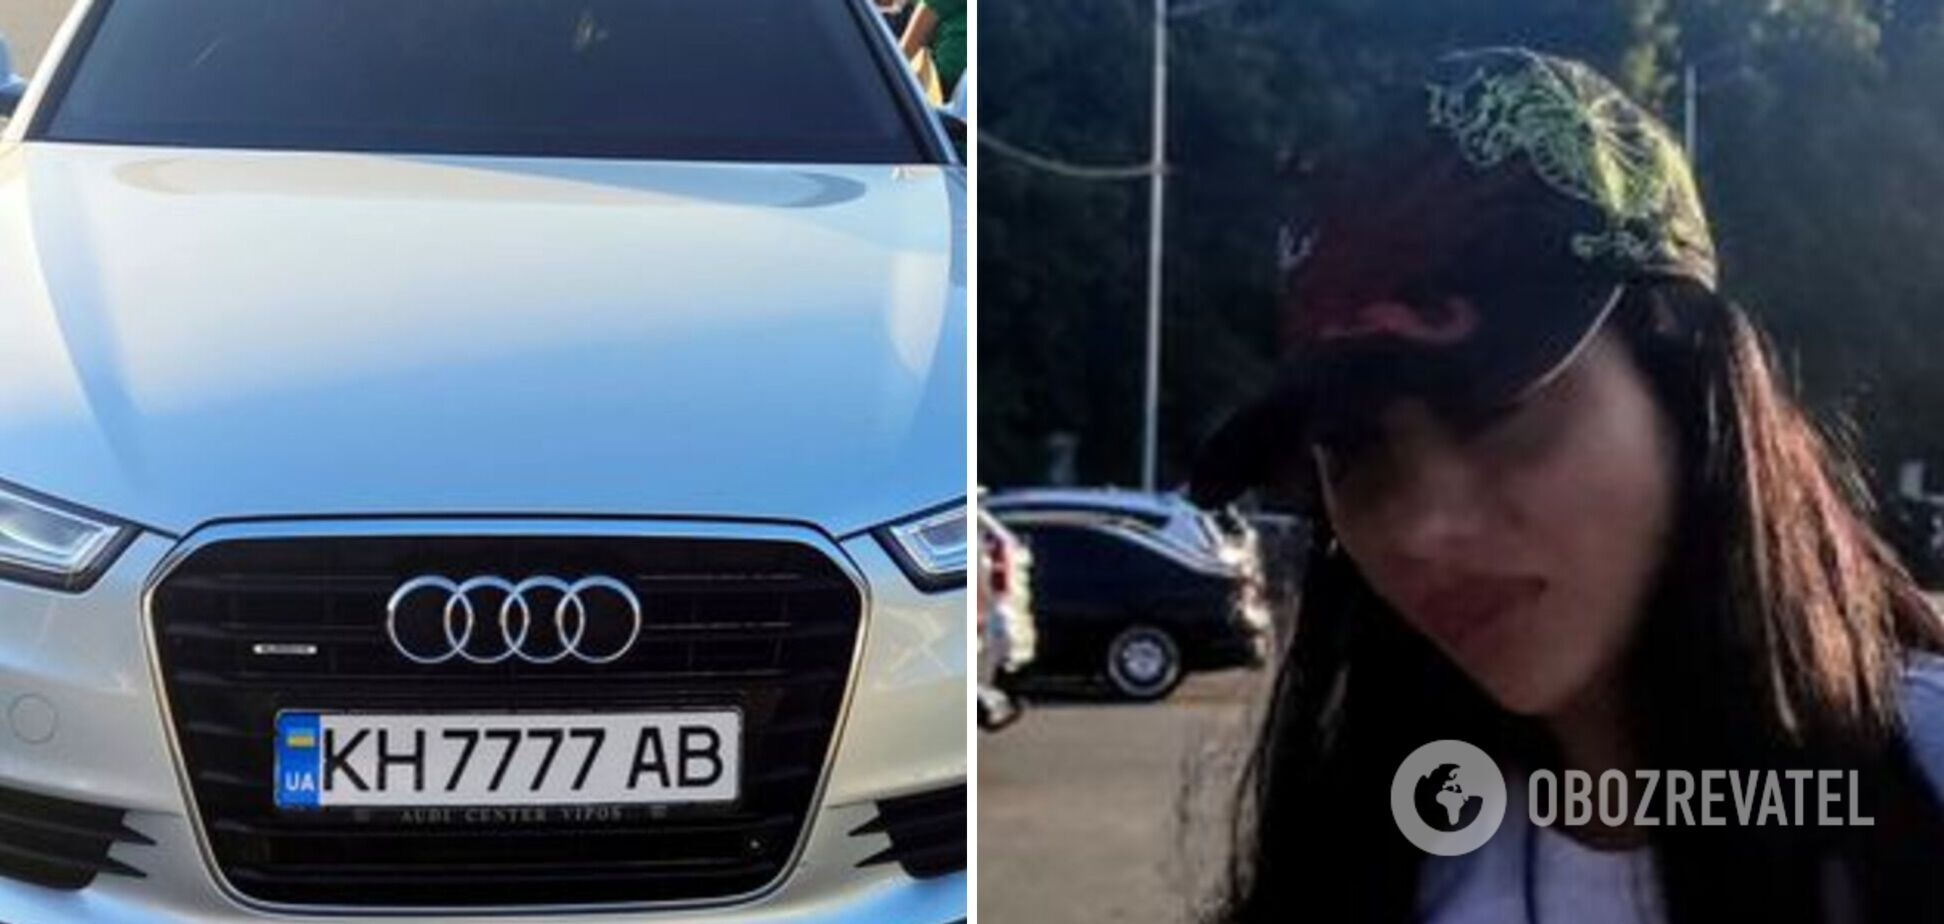 Нарушила, потому что спешила: в Киеве девушка за рулем чуть не убила семью известной блогерши. Фото